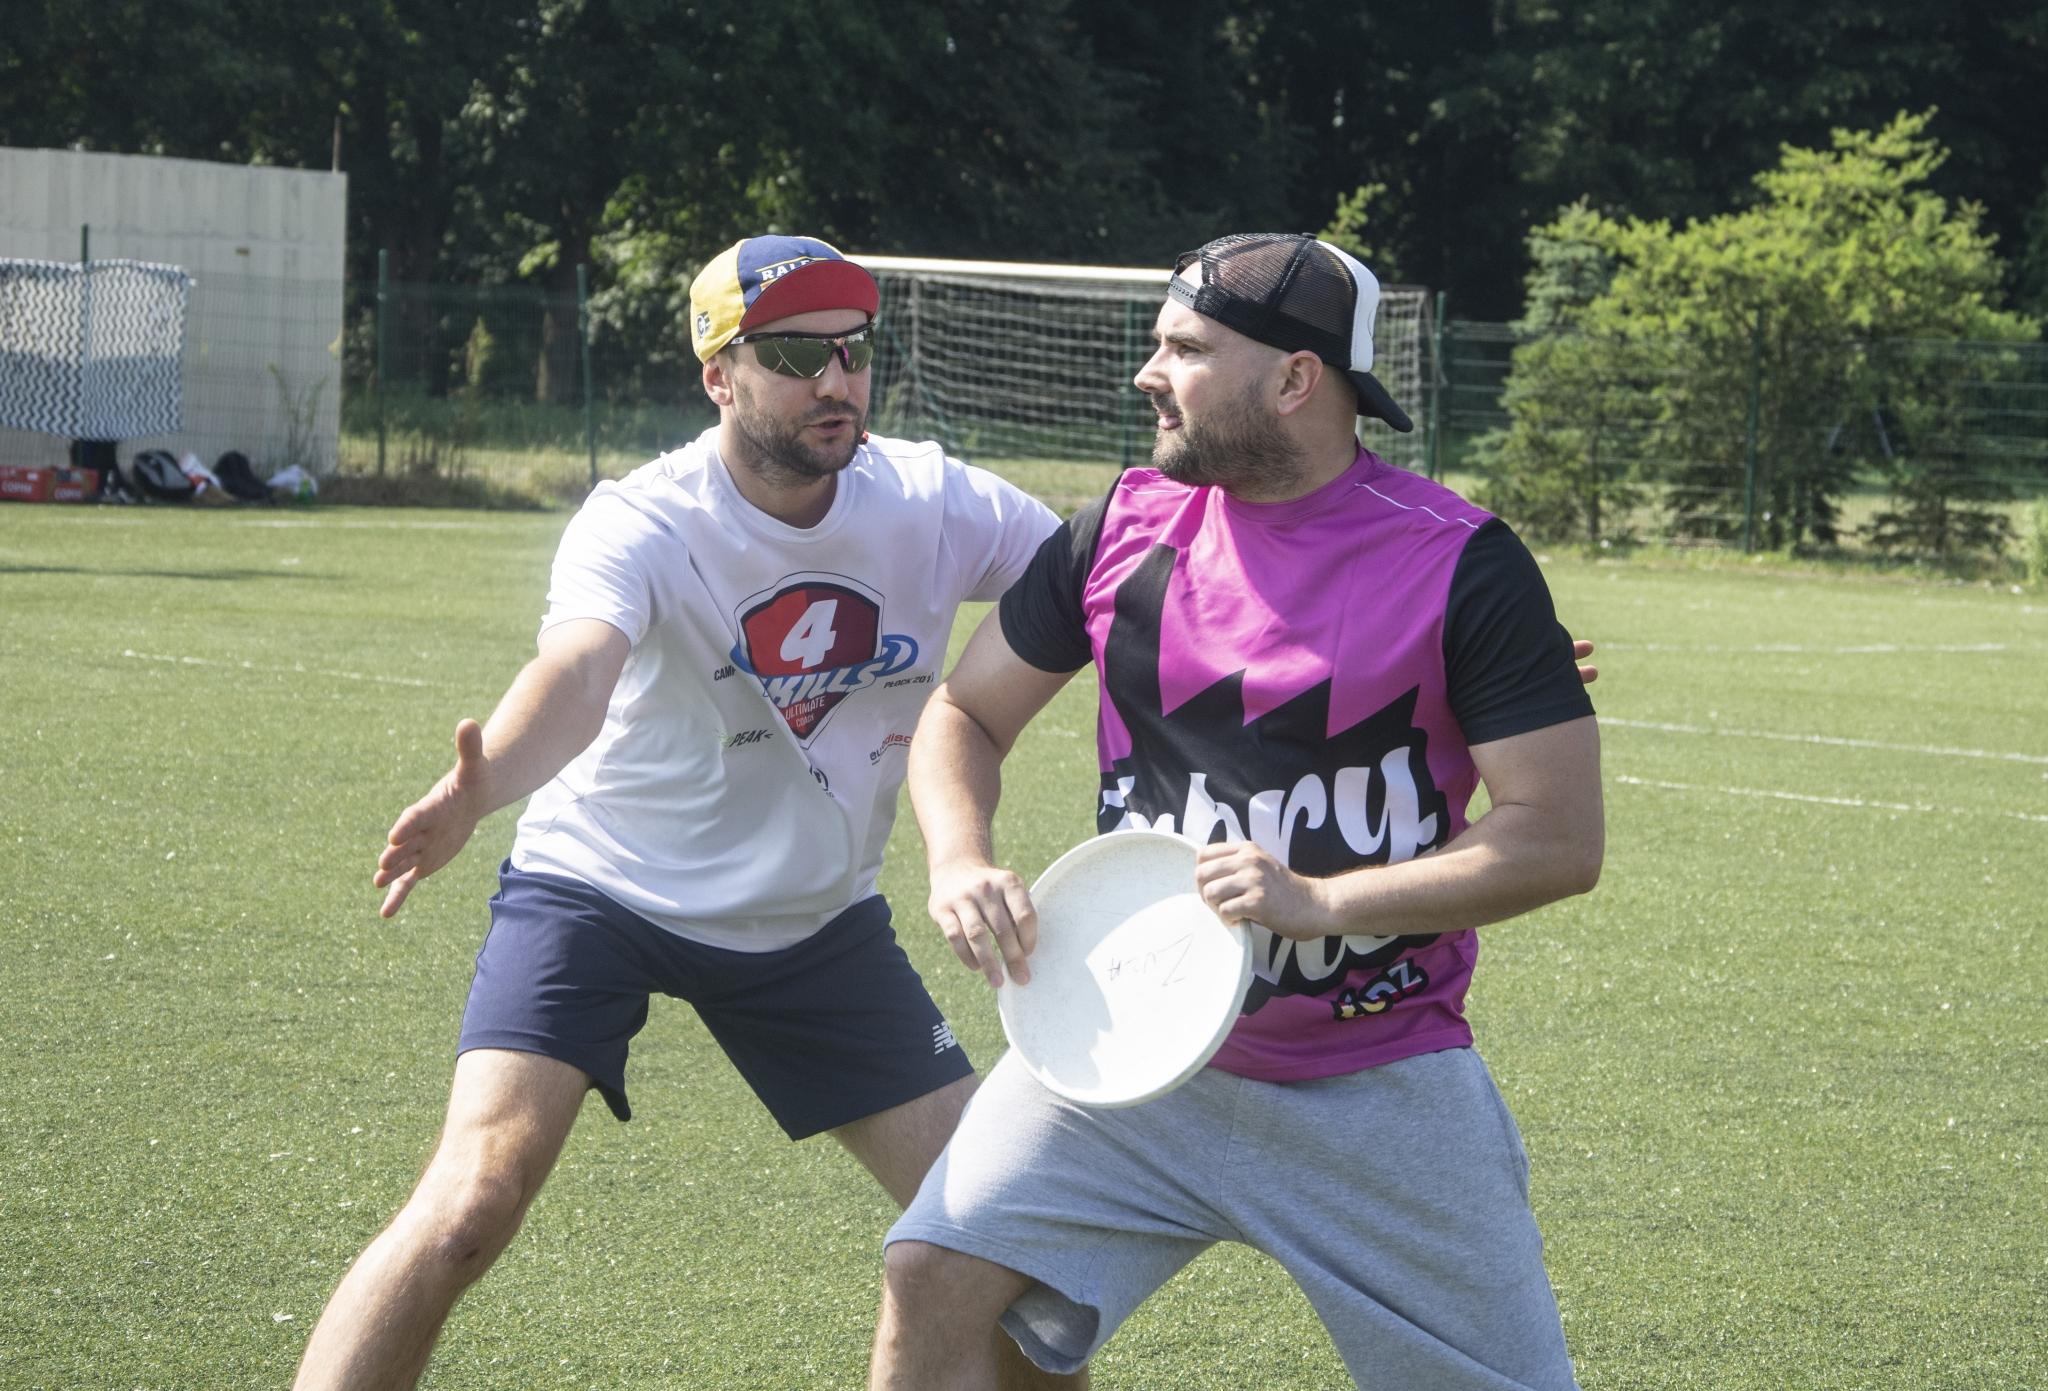 Liczenie zawodnika ultimate frisbee